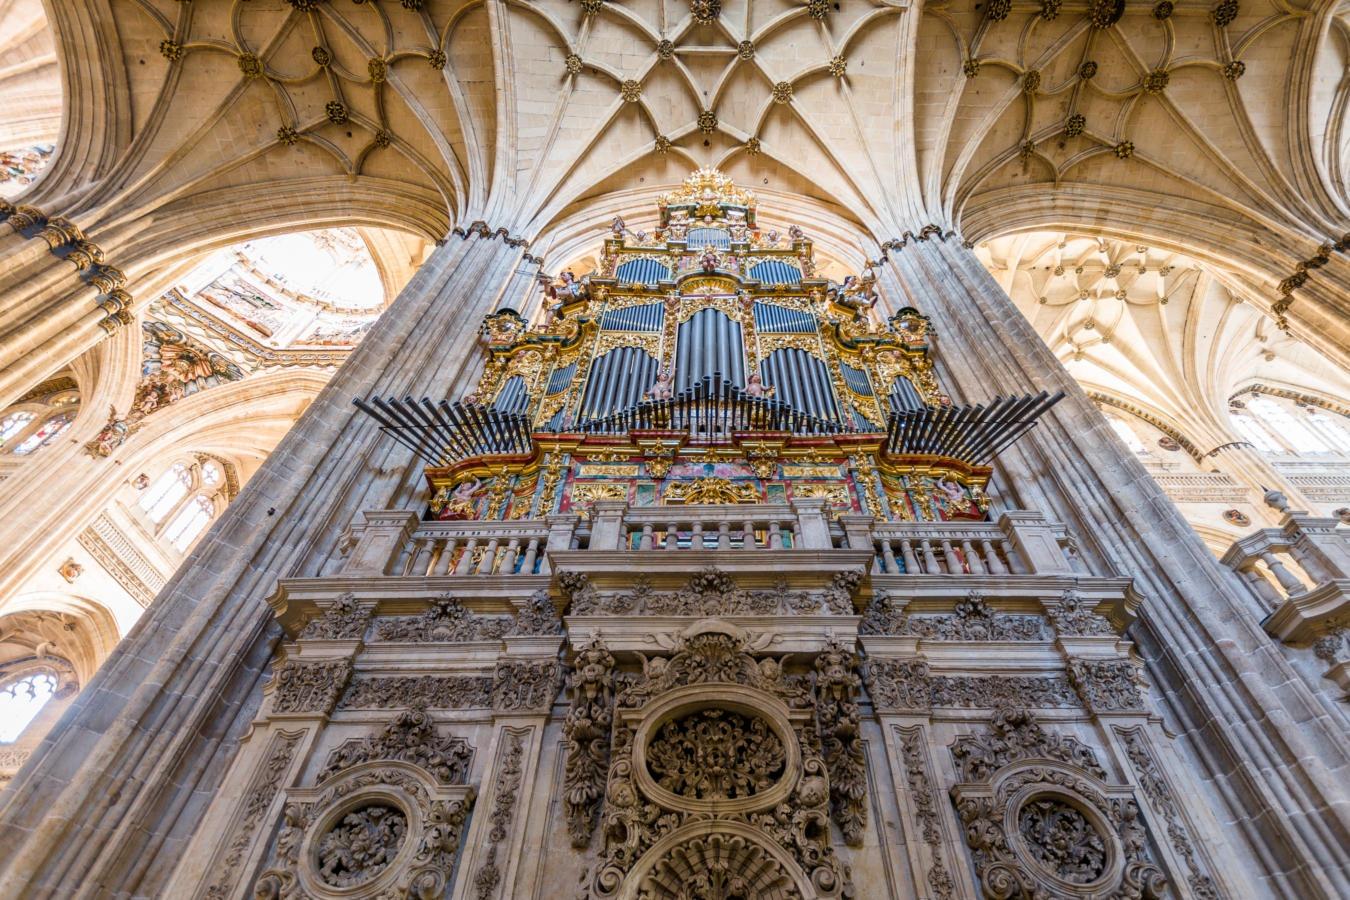 Concierto de órgano de Luis Dalda, en la Catedral Nueva